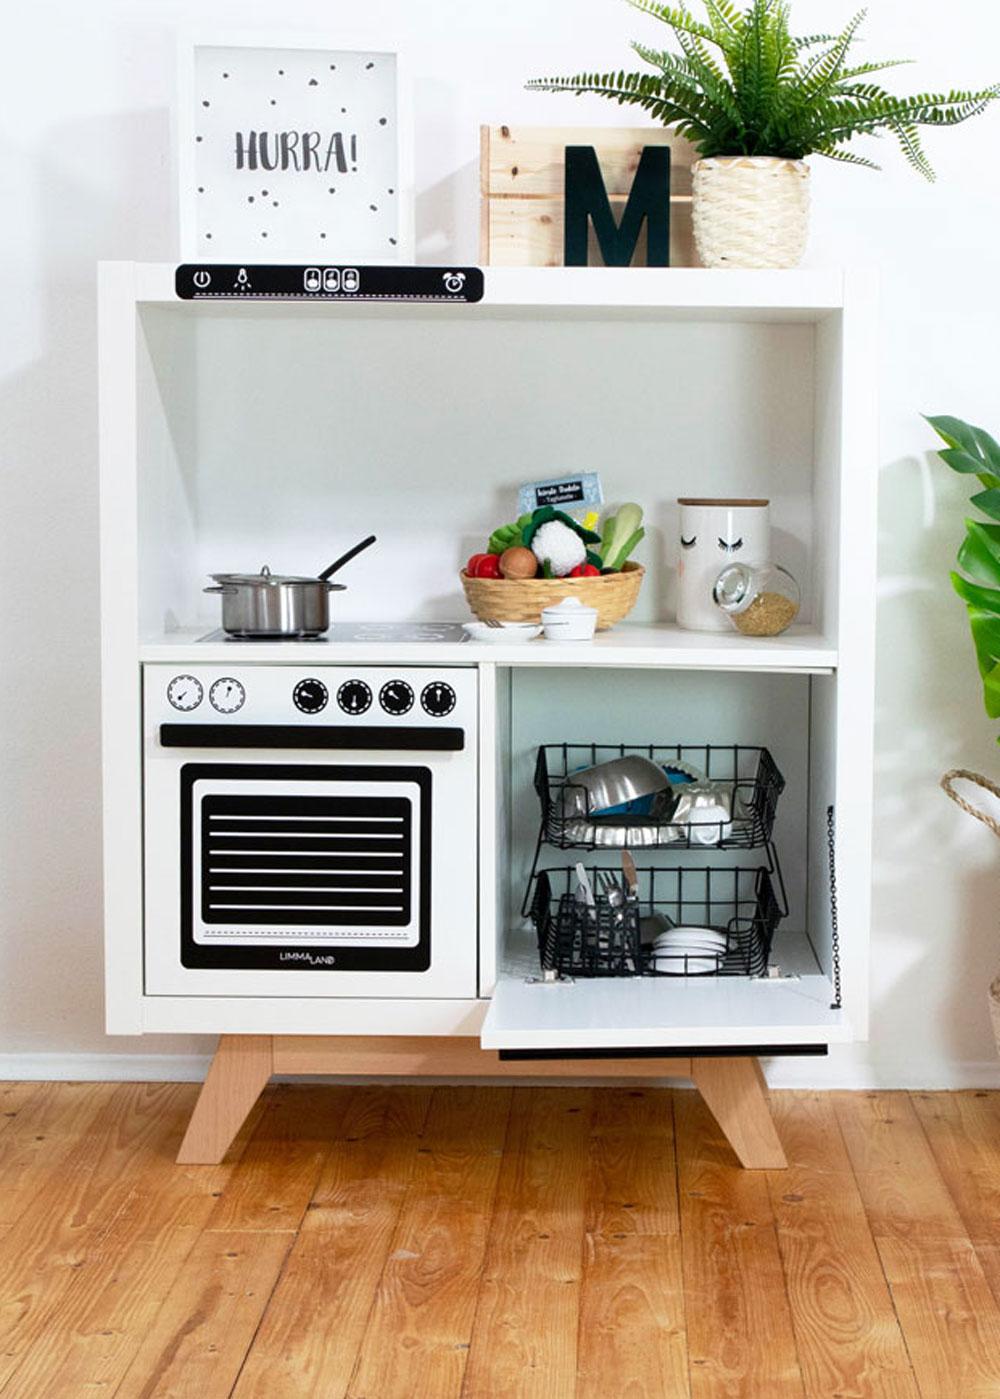 Kinderküche DIY Kökbastla Gesamtansicht